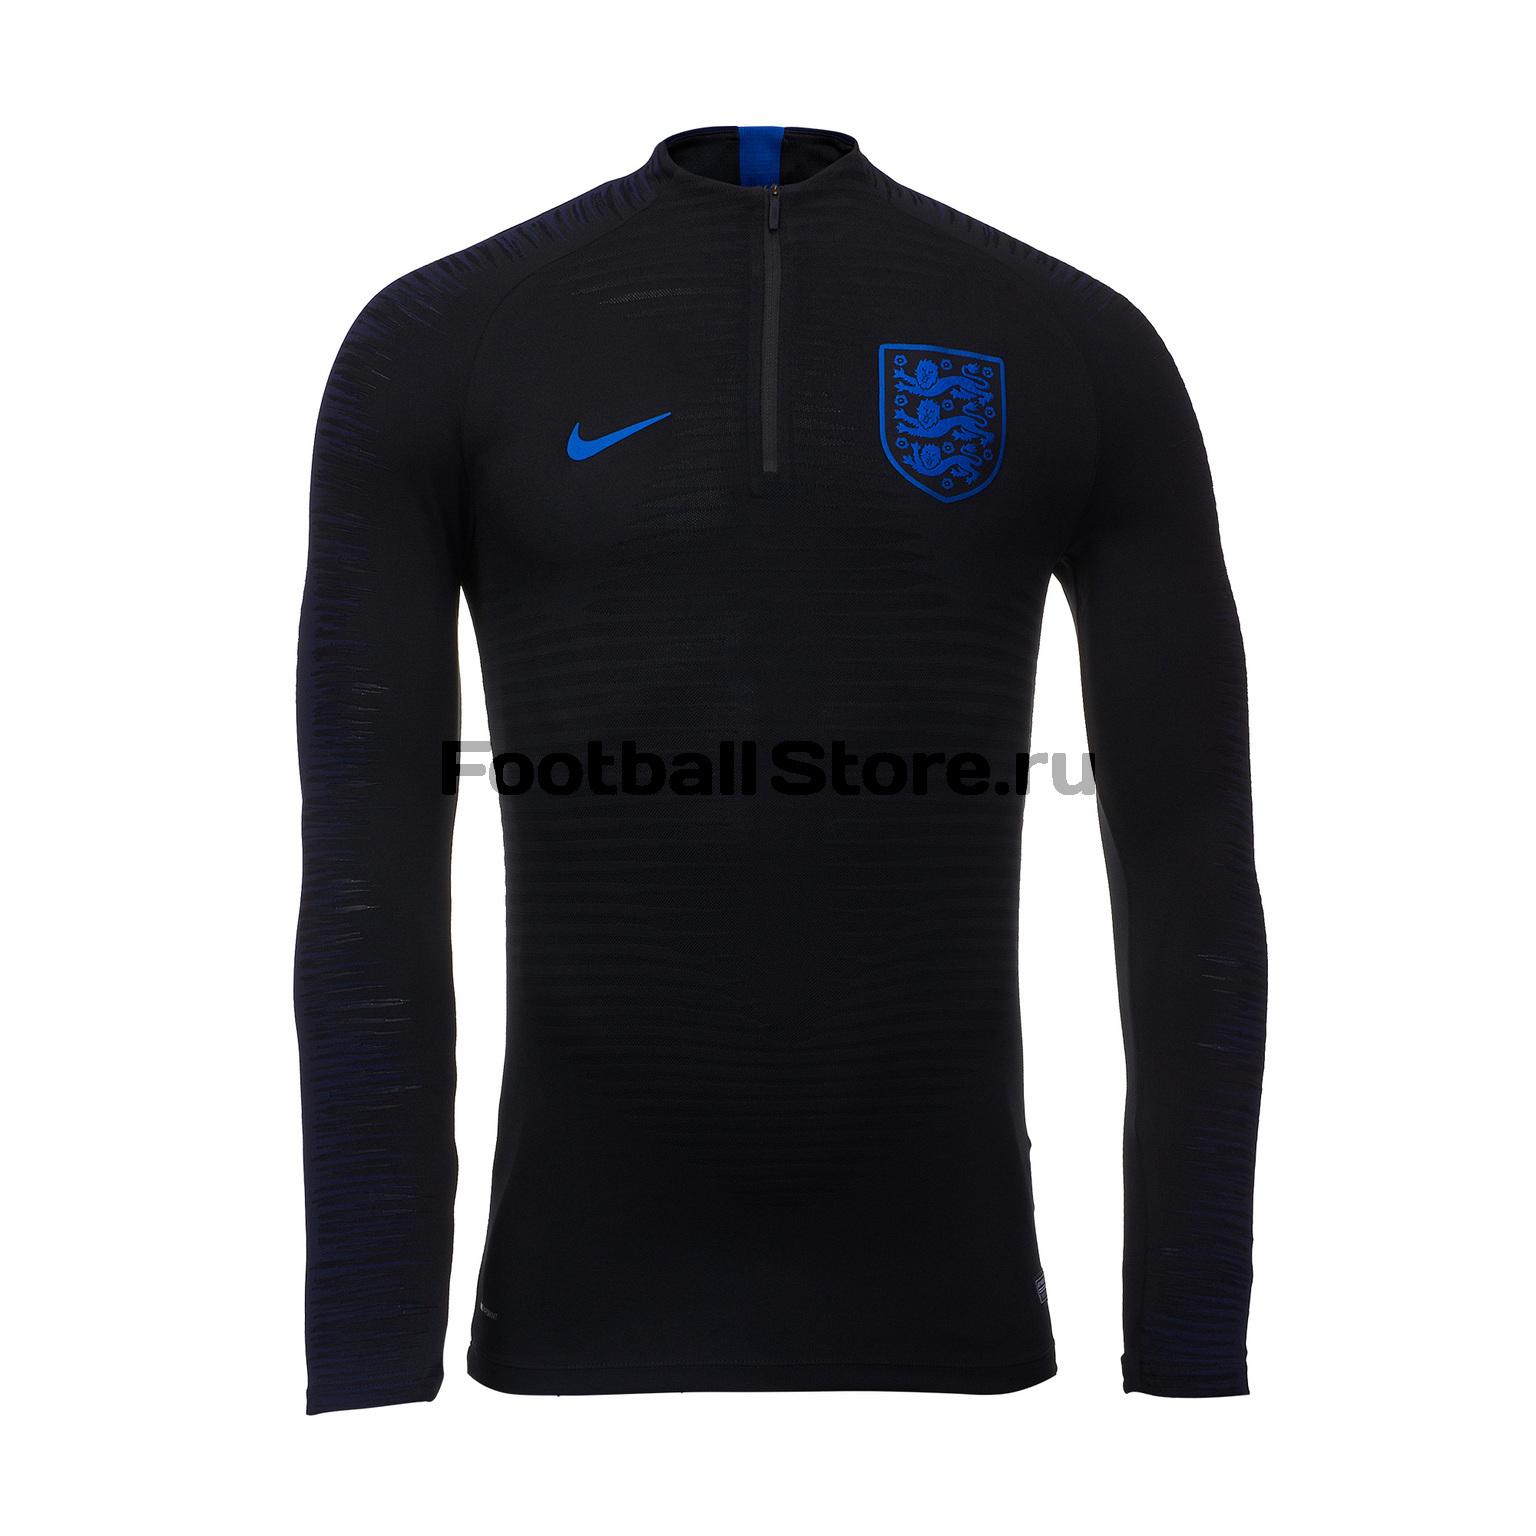 Свитер тренировочный Nike сборной Англии 893014-011